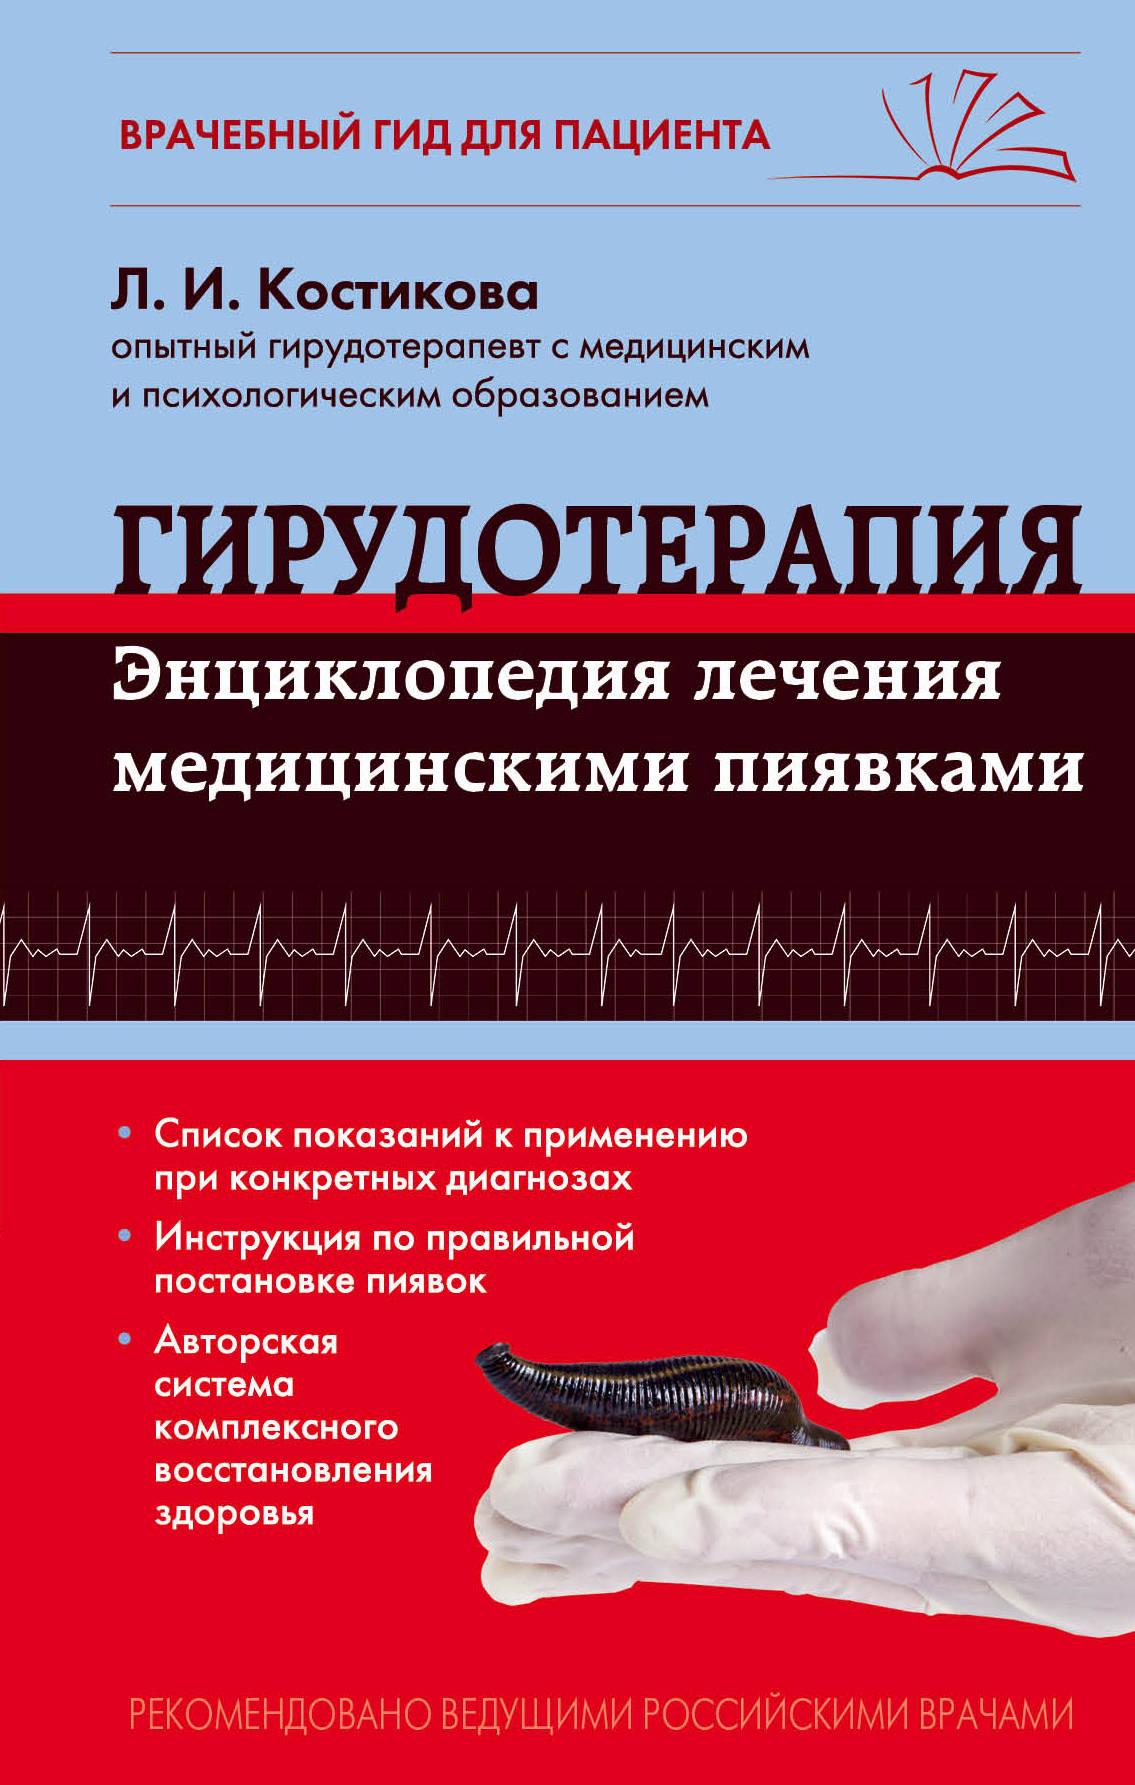 Лечение пиявками - список болезней, проведение процедуры и возможные осложнения, отзывы и цены